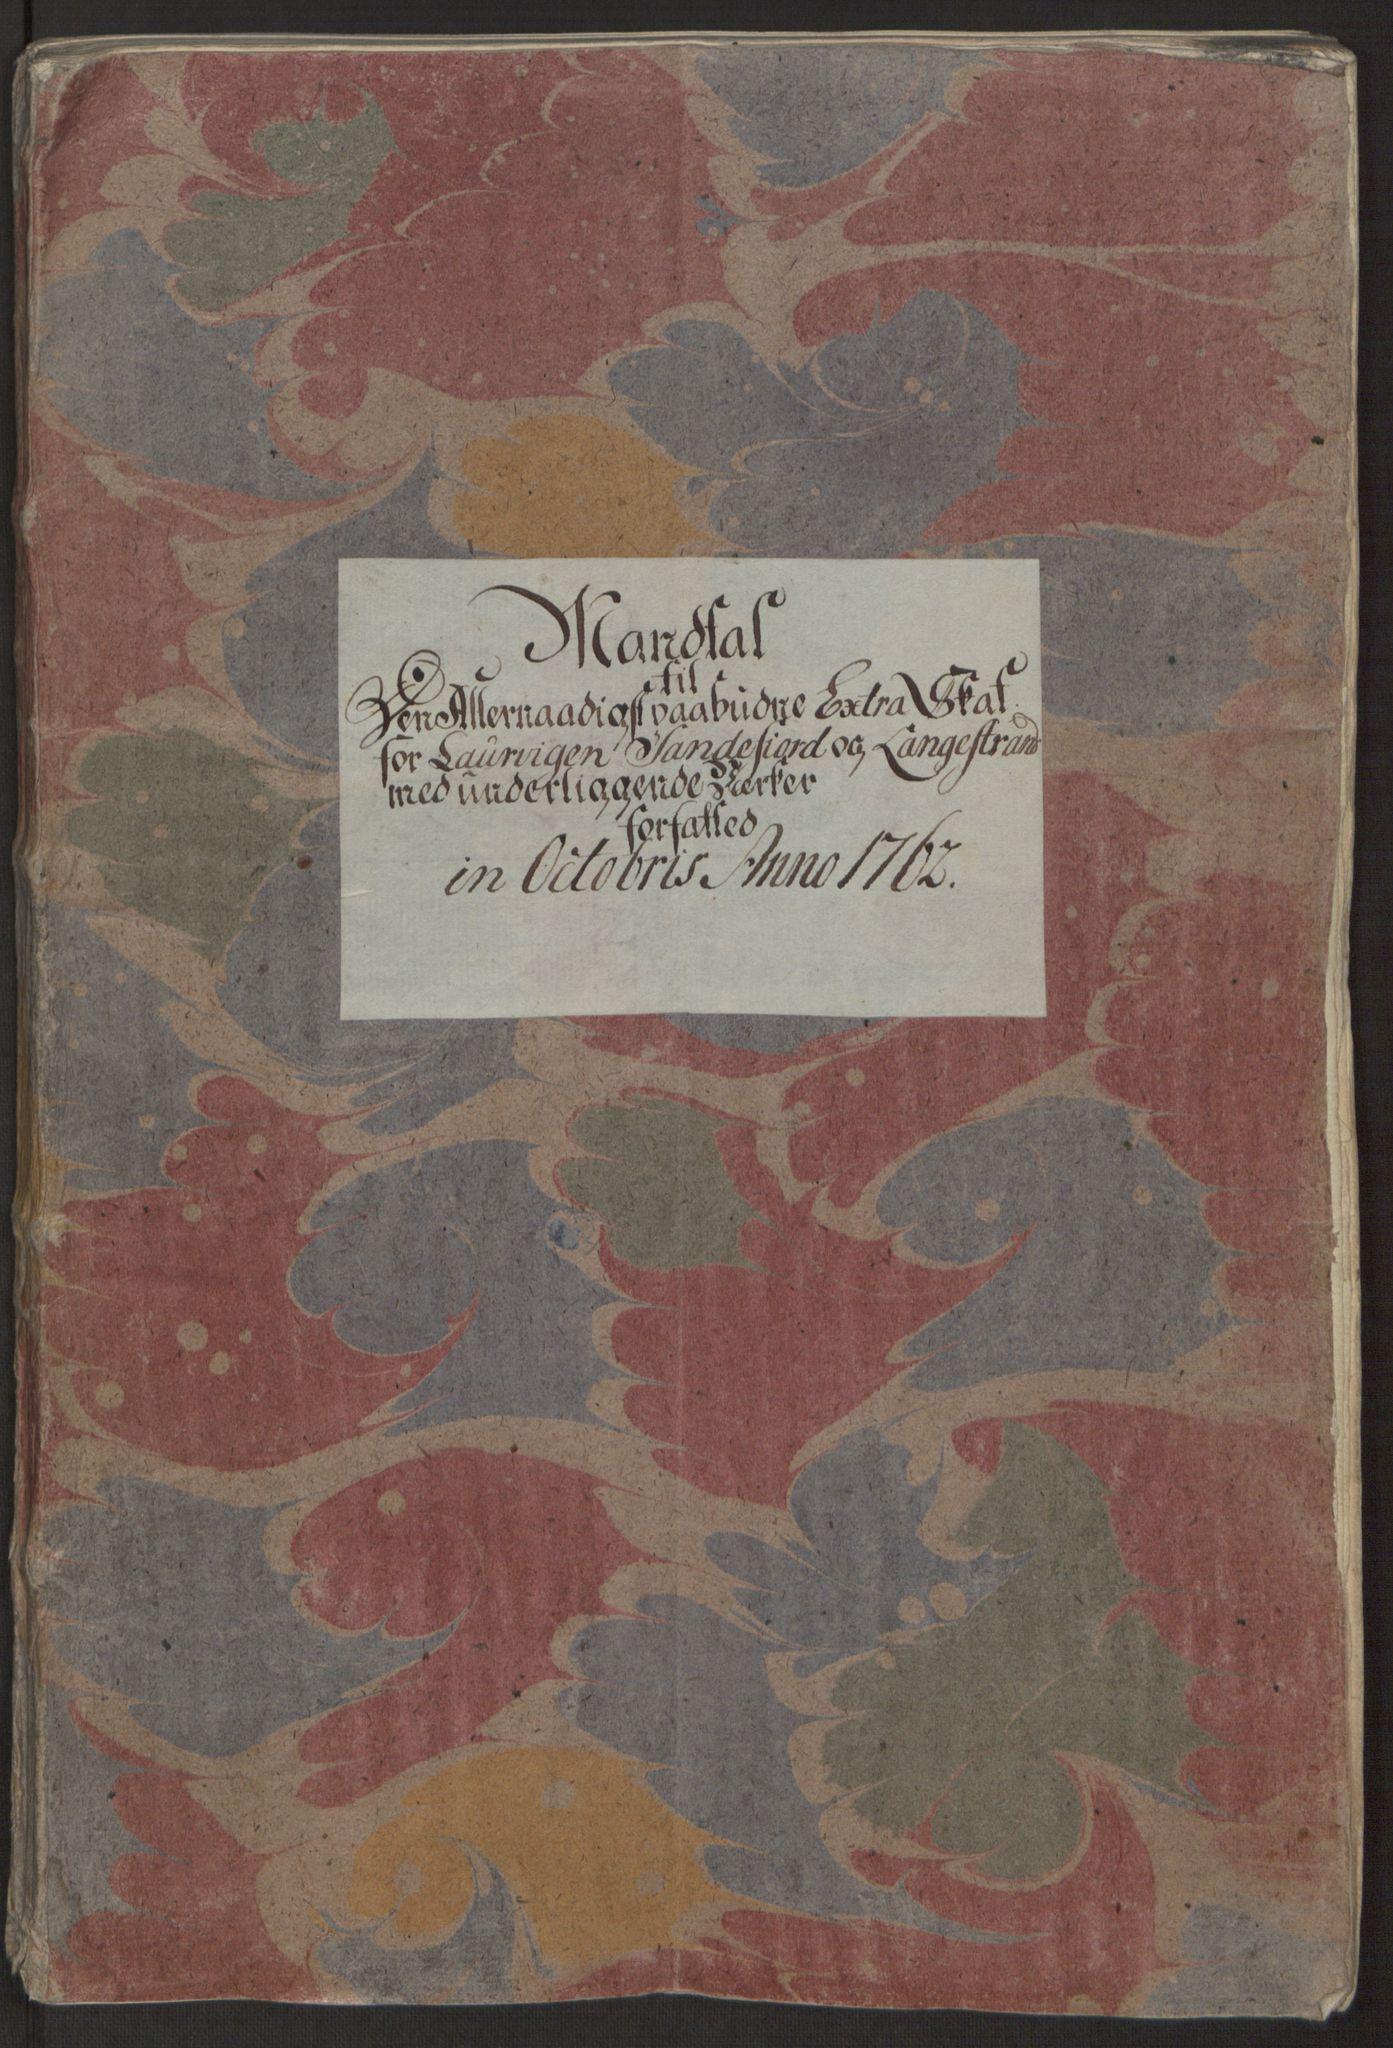 RA, Rentekammeret inntil 1814, Reviderte regnskaper, Byregnskaper, R/Ri/L0183: [I4] Kontribusjonsregnskap, 1762-1768, s. 14